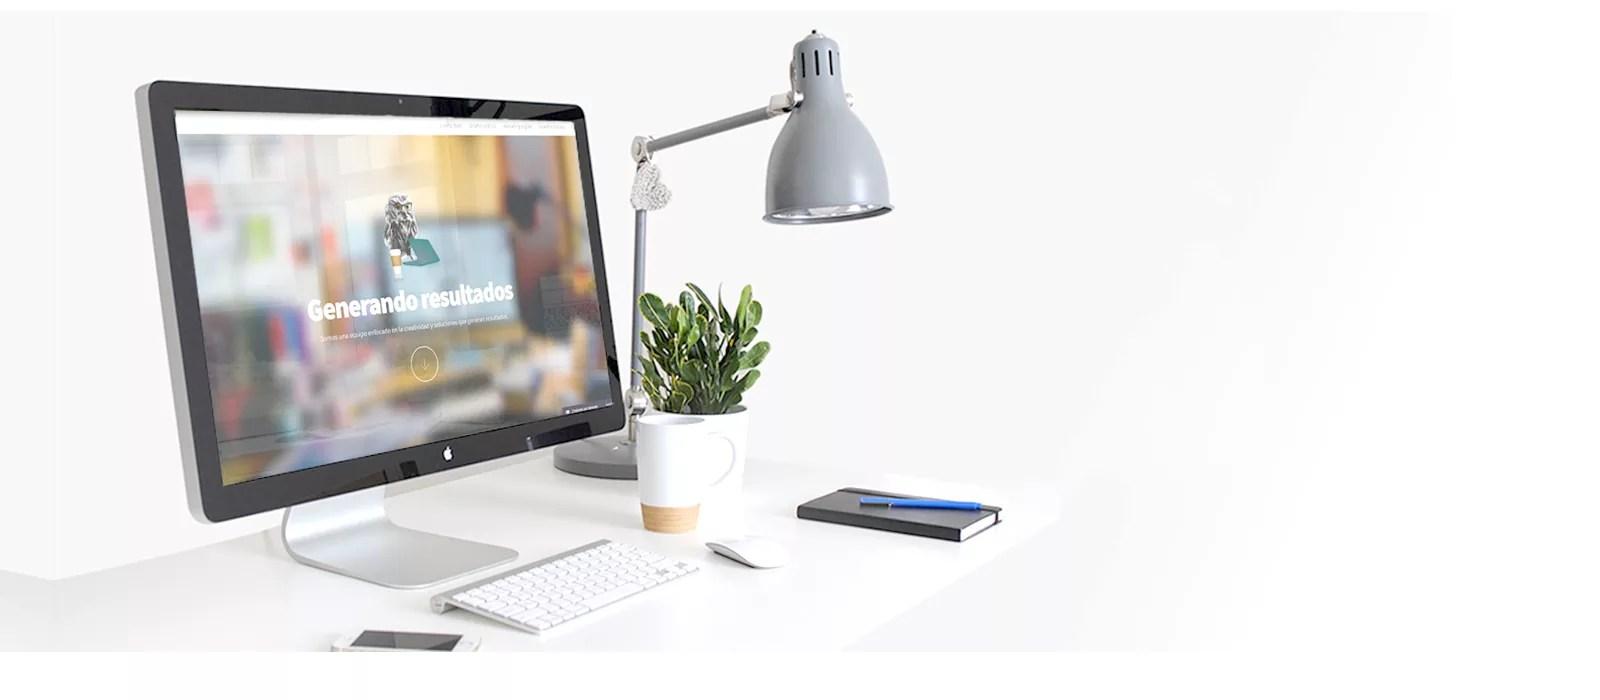 Создание продающих сайтов и интернет магазинов